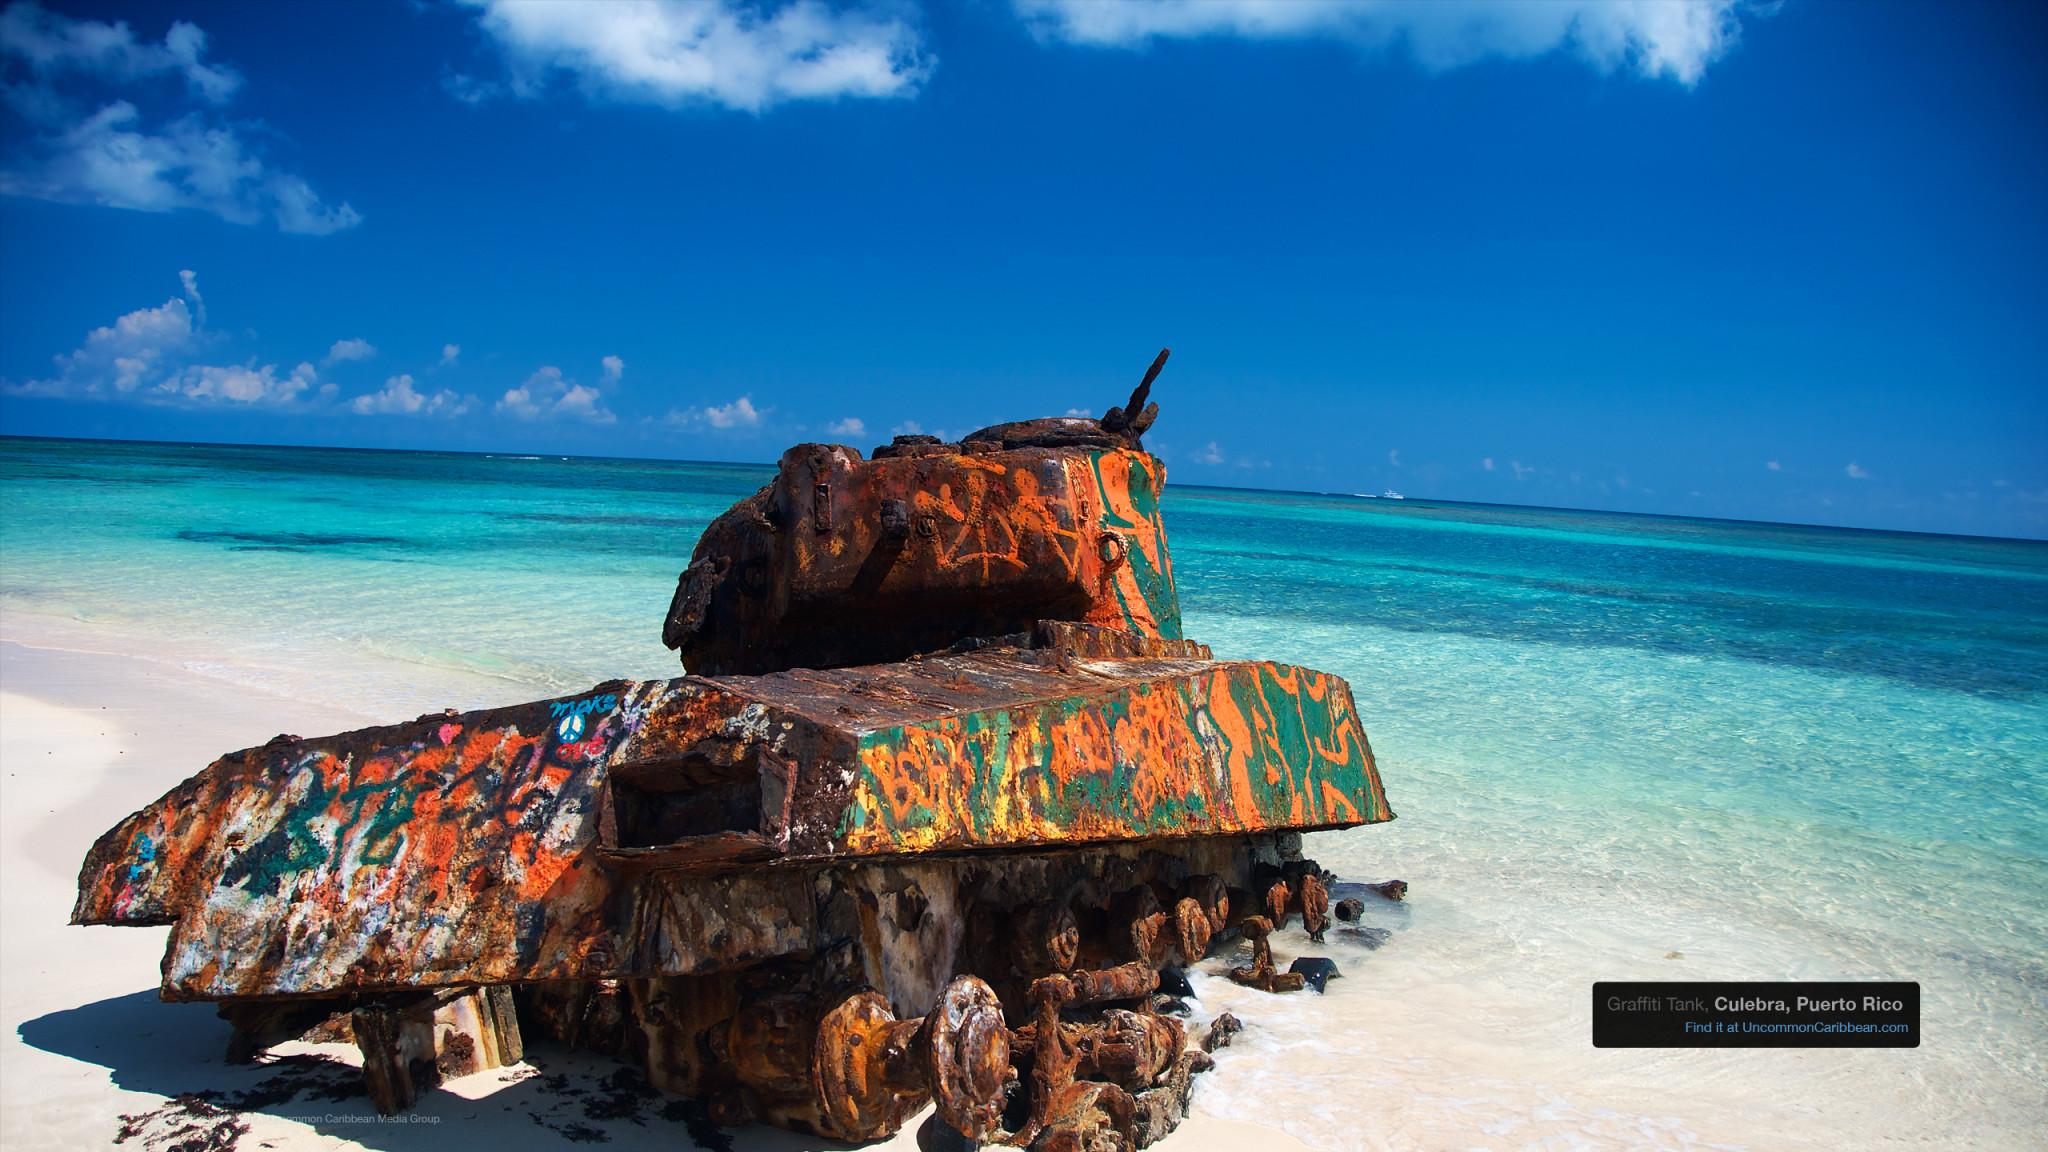 Caribbean Wallpaper Wednesday: Graffiti Tank, Culebra